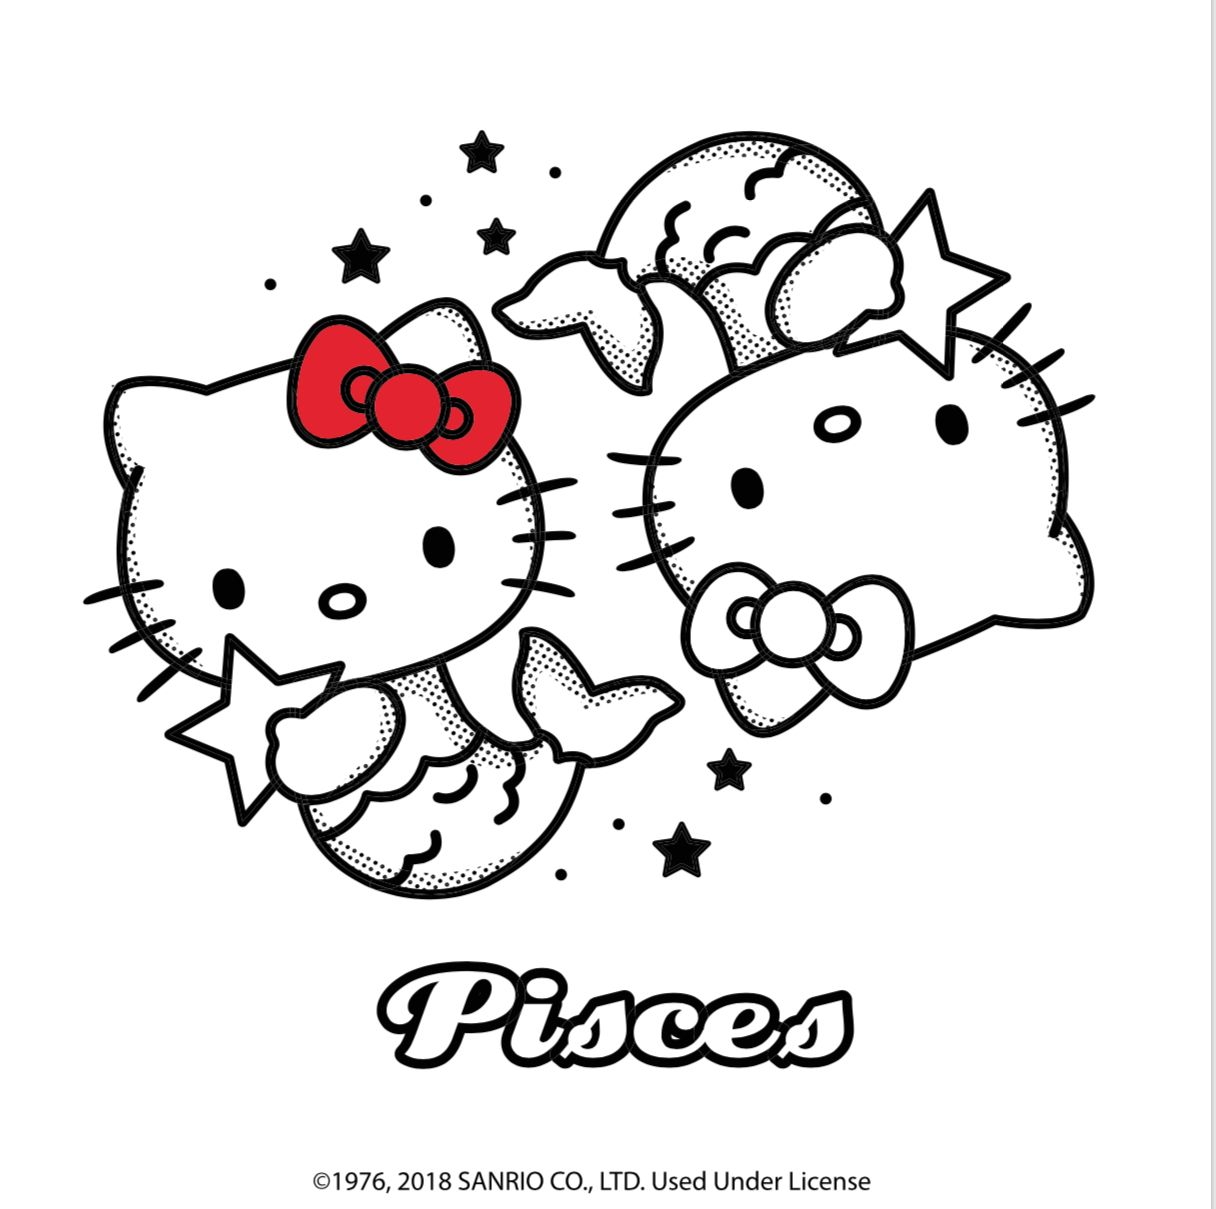 Pin By Marina Costa On Hello Kitty 2 Hello Kitty Wallpaper Hello Kitty Kitty Wallpaper